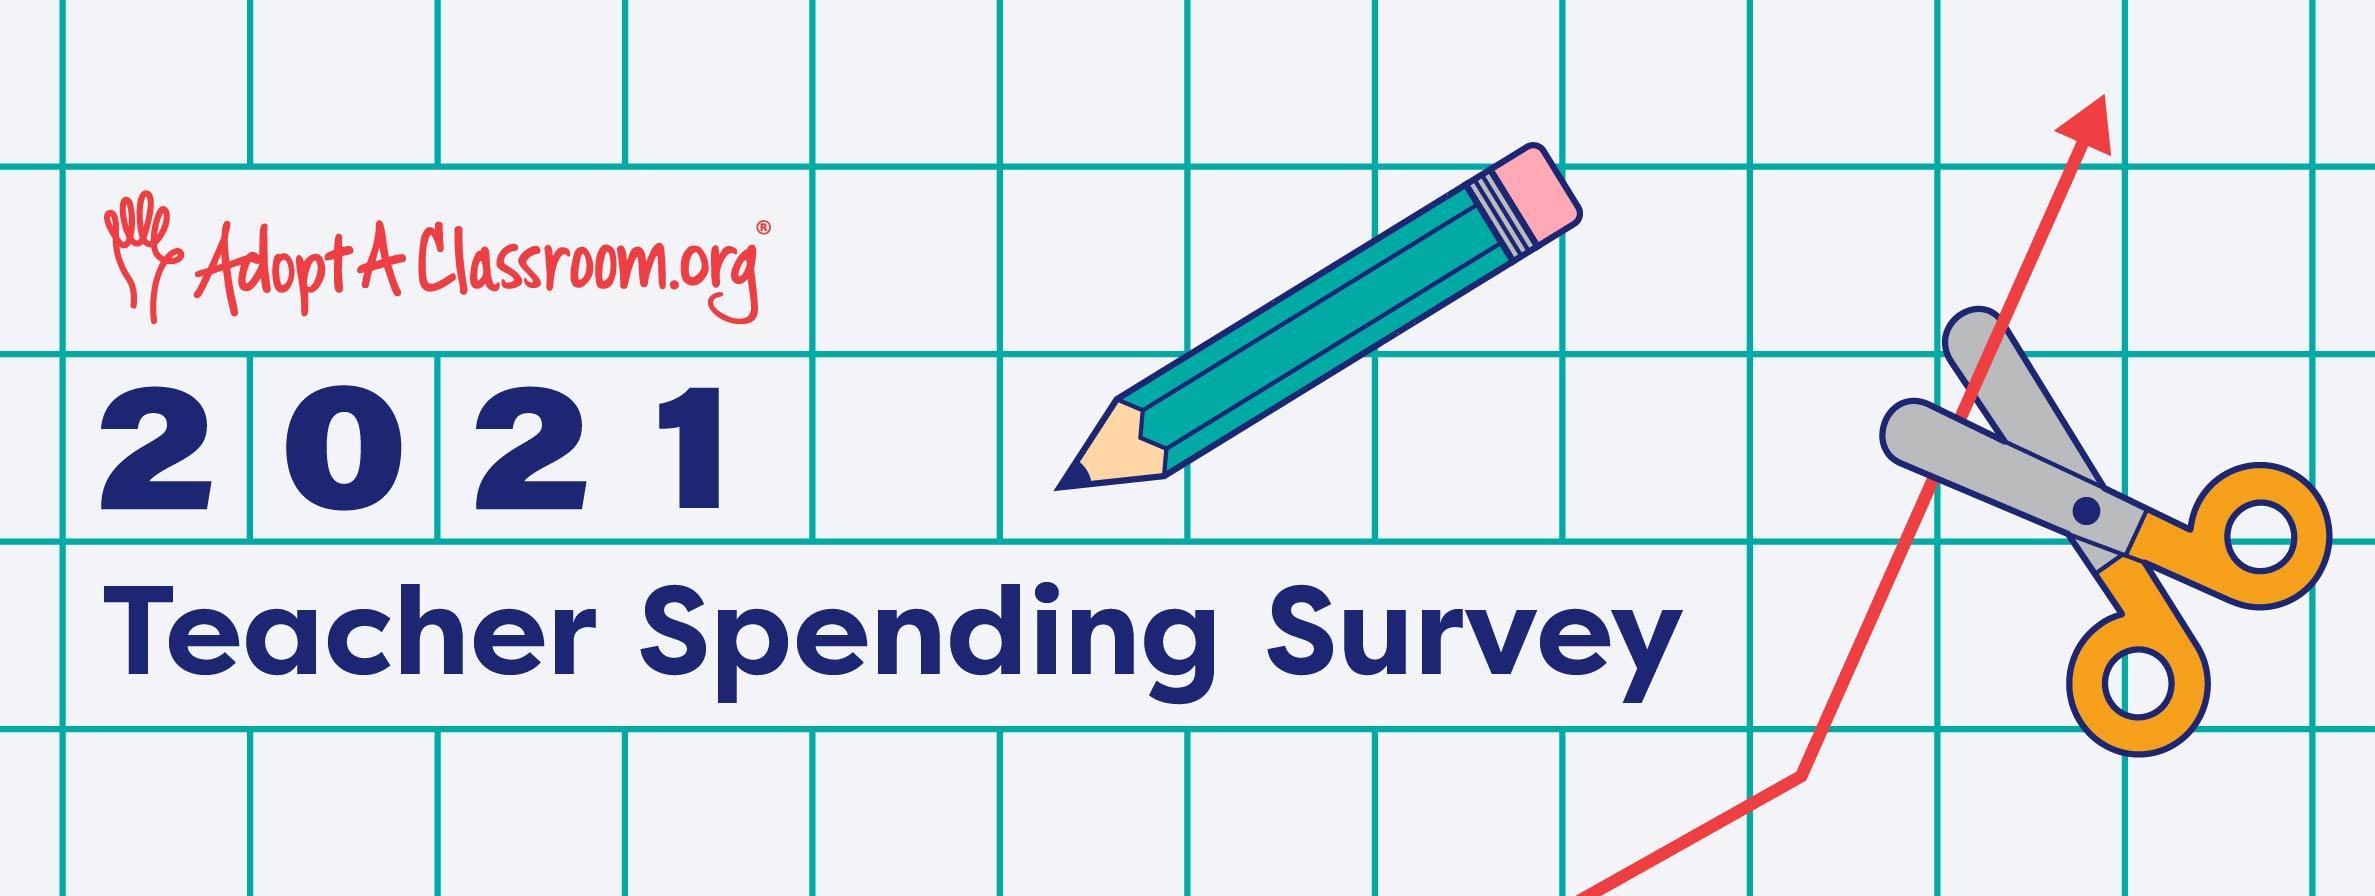 2021 Teacher Spending Survey